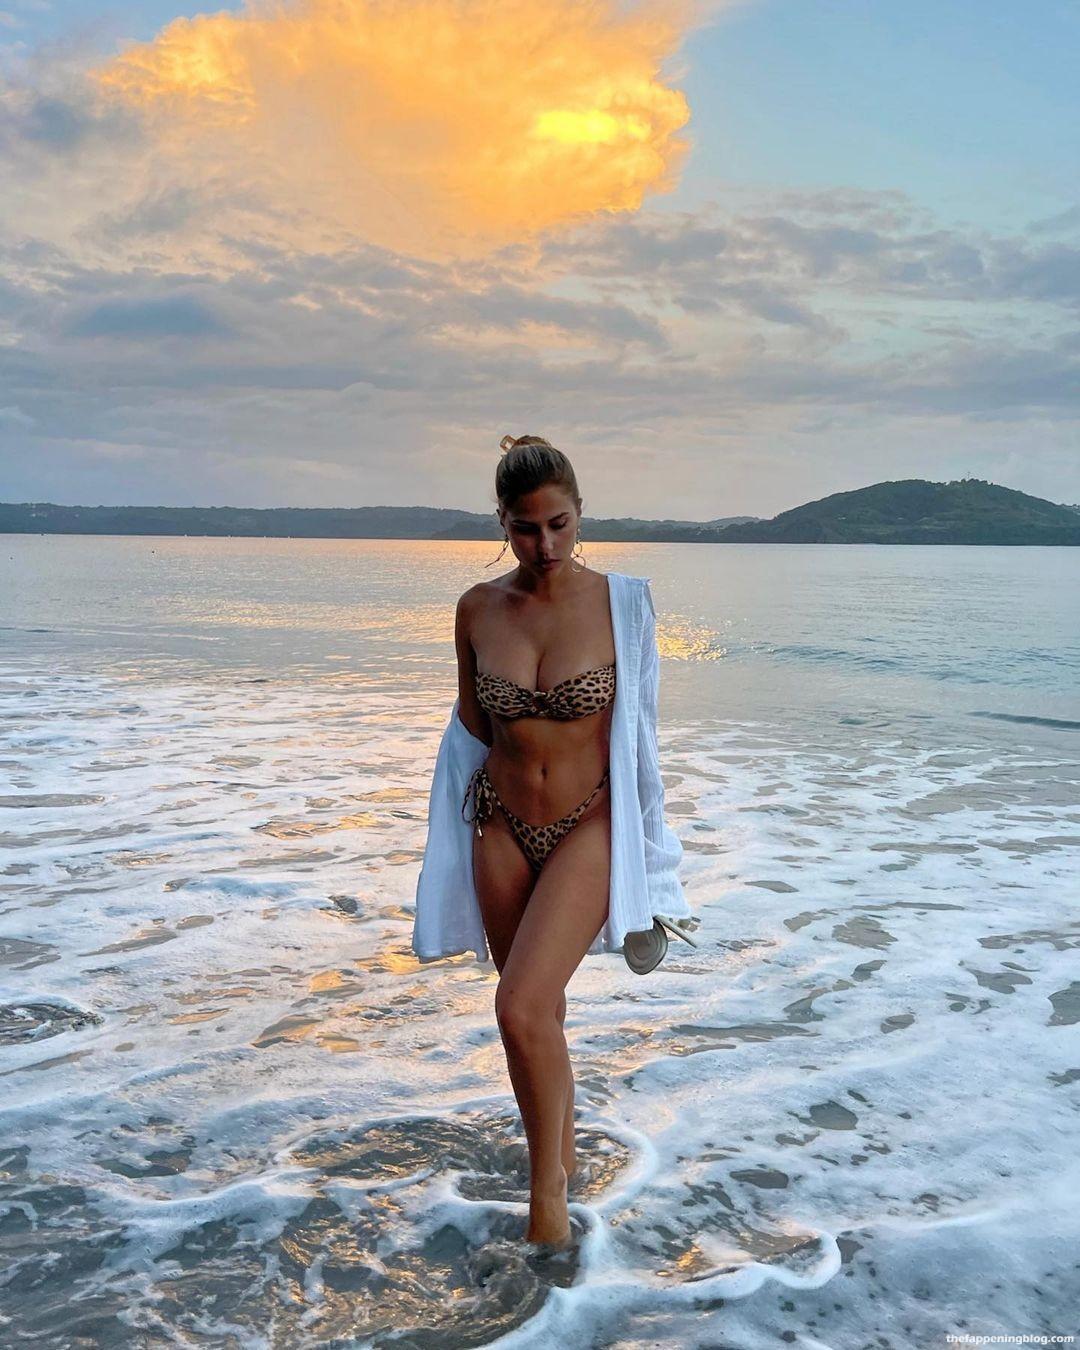 Kara-Del-Toro-Gorgeous-Breasts-4-11-thefappeningblog.com_.jpg